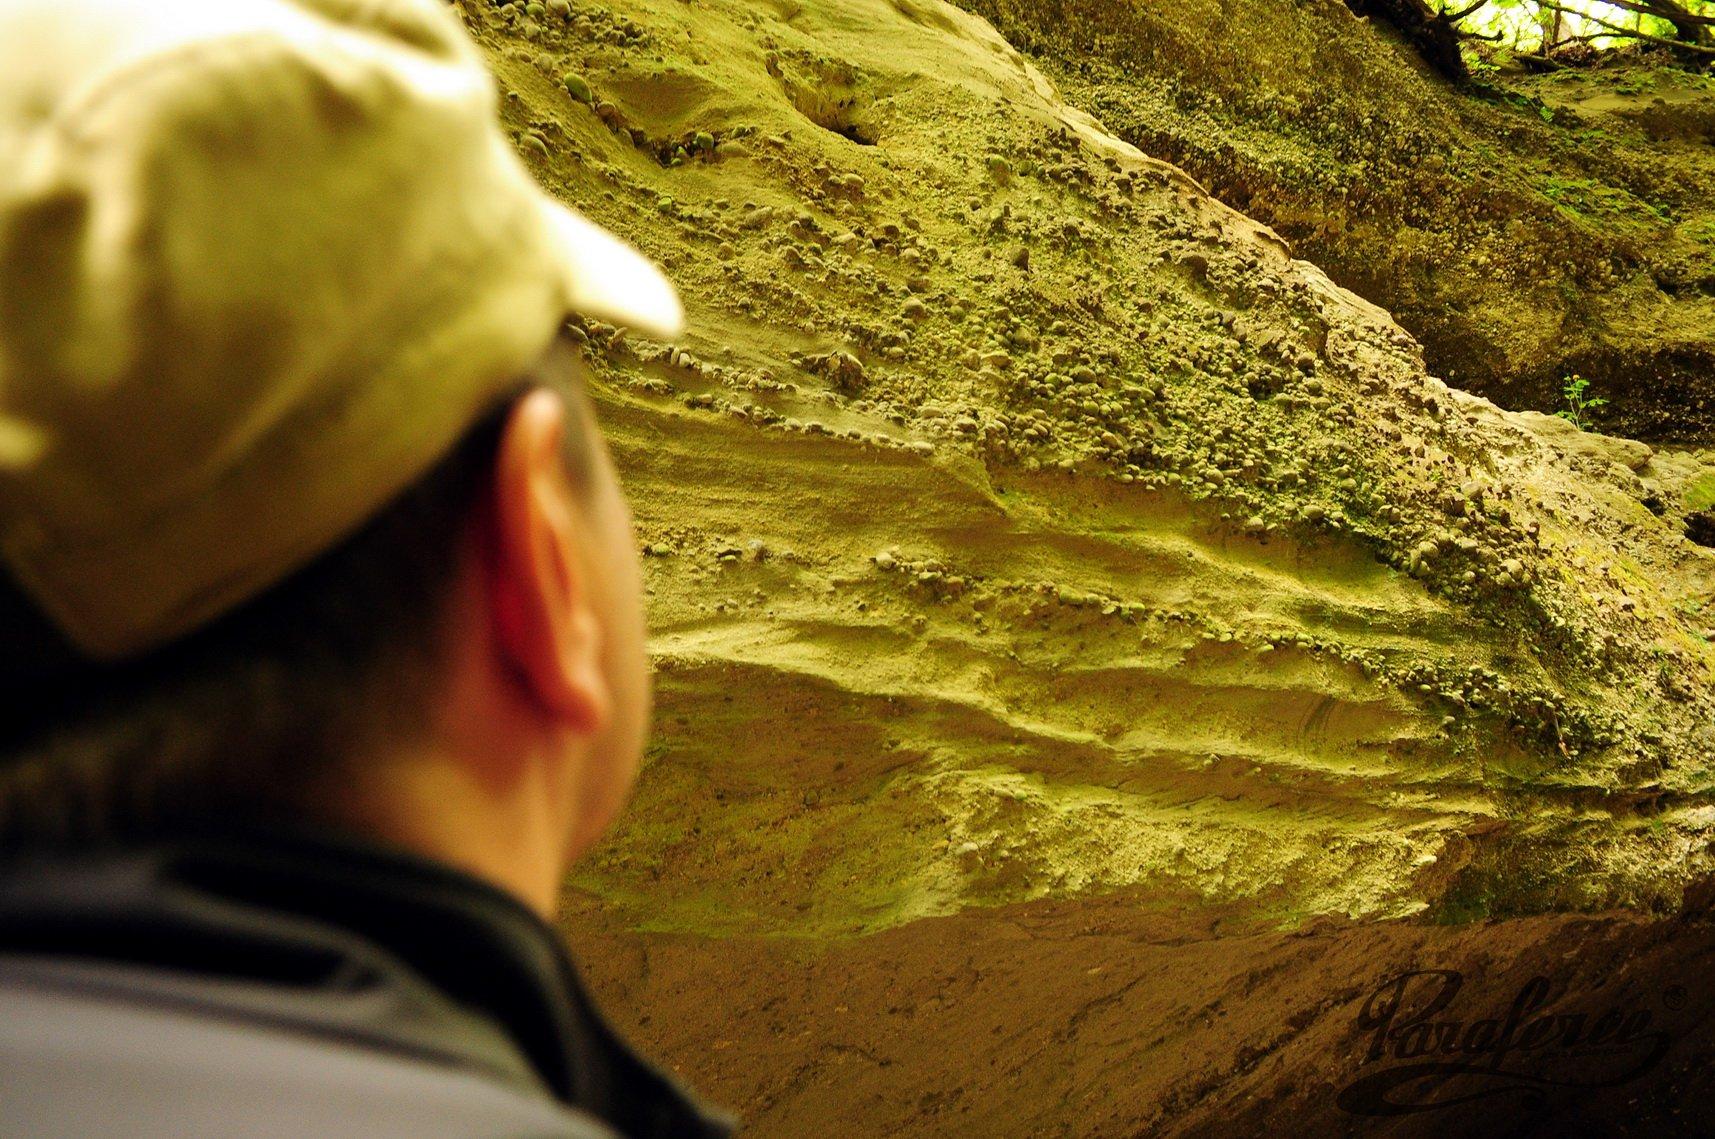 Az üledékes kőzetbe vágott szurdok falából ezernyi kavics kandikál ki